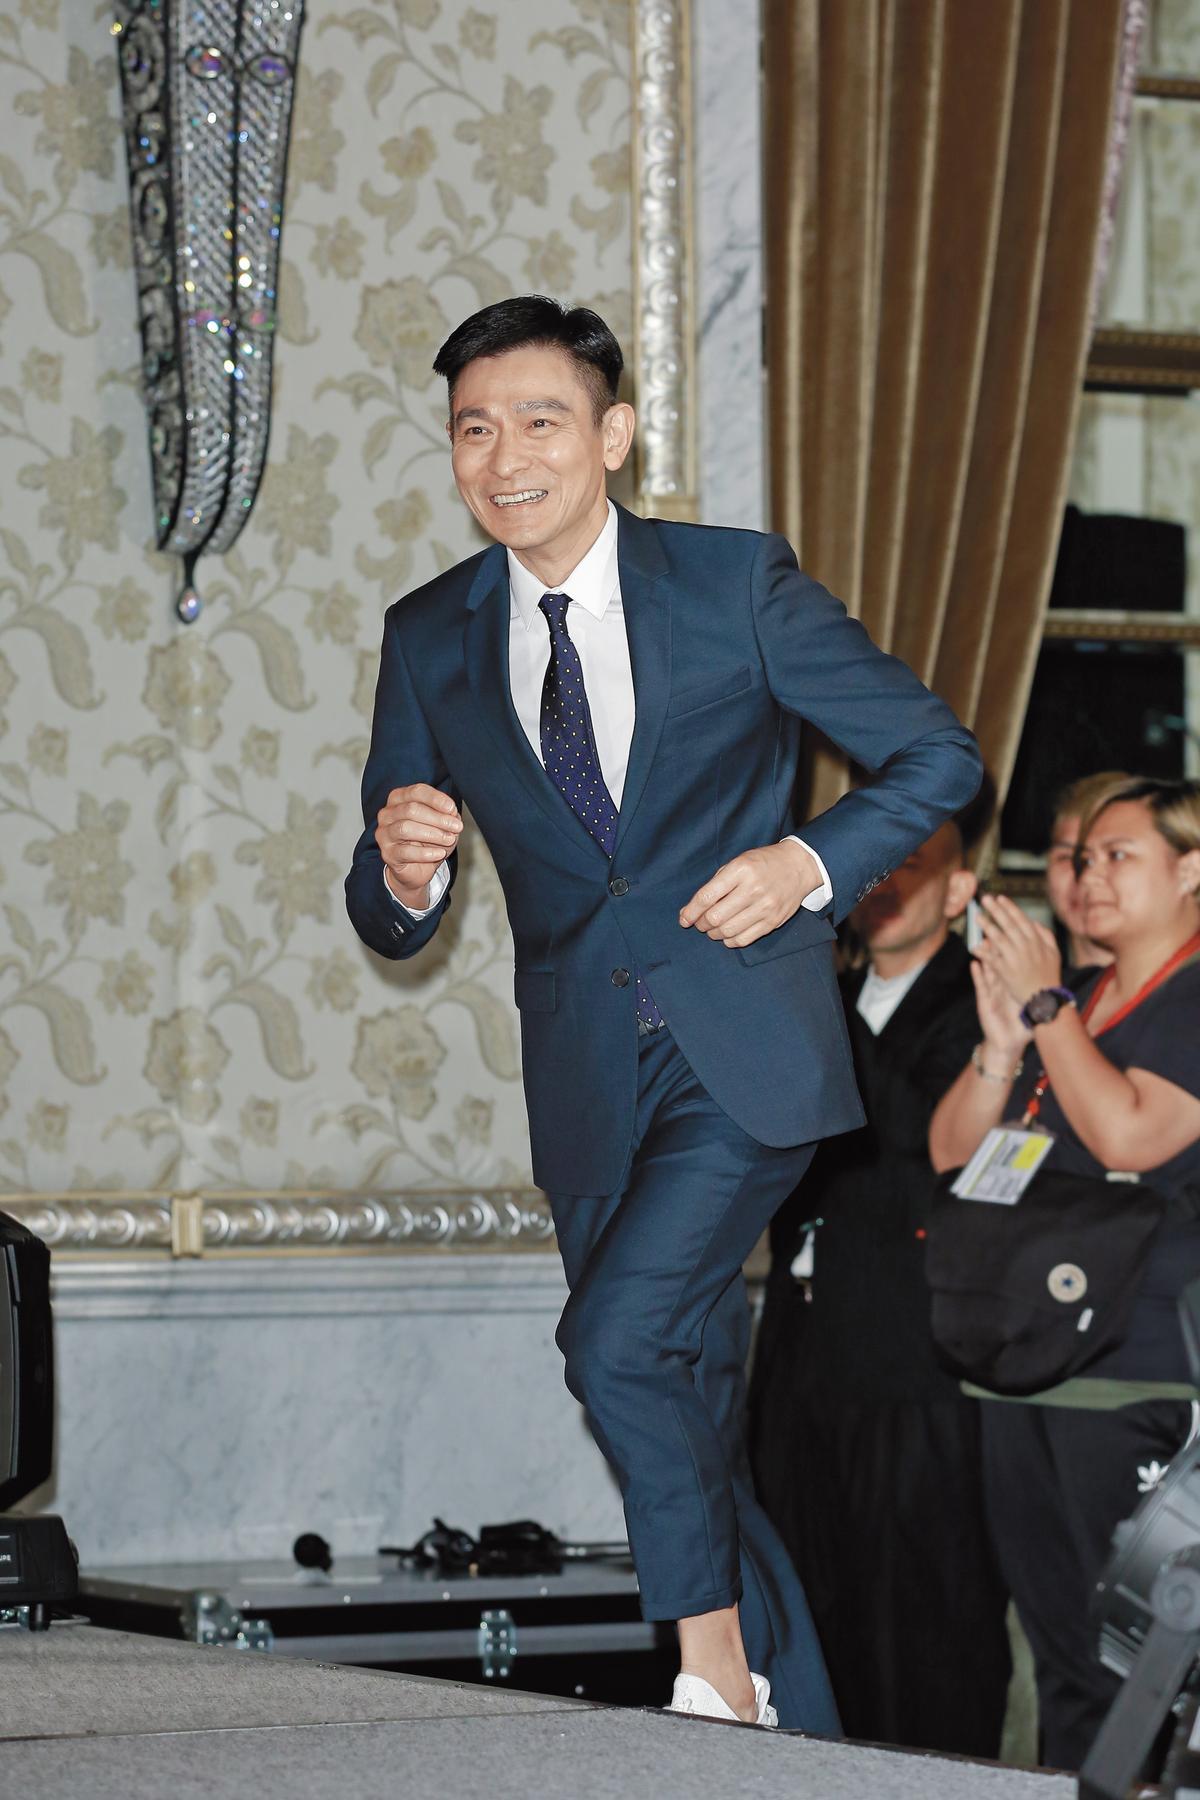 跑跑跑,向前跑! (設計對白)劉德華小跑步上台,令廣大粉絲欣慰。